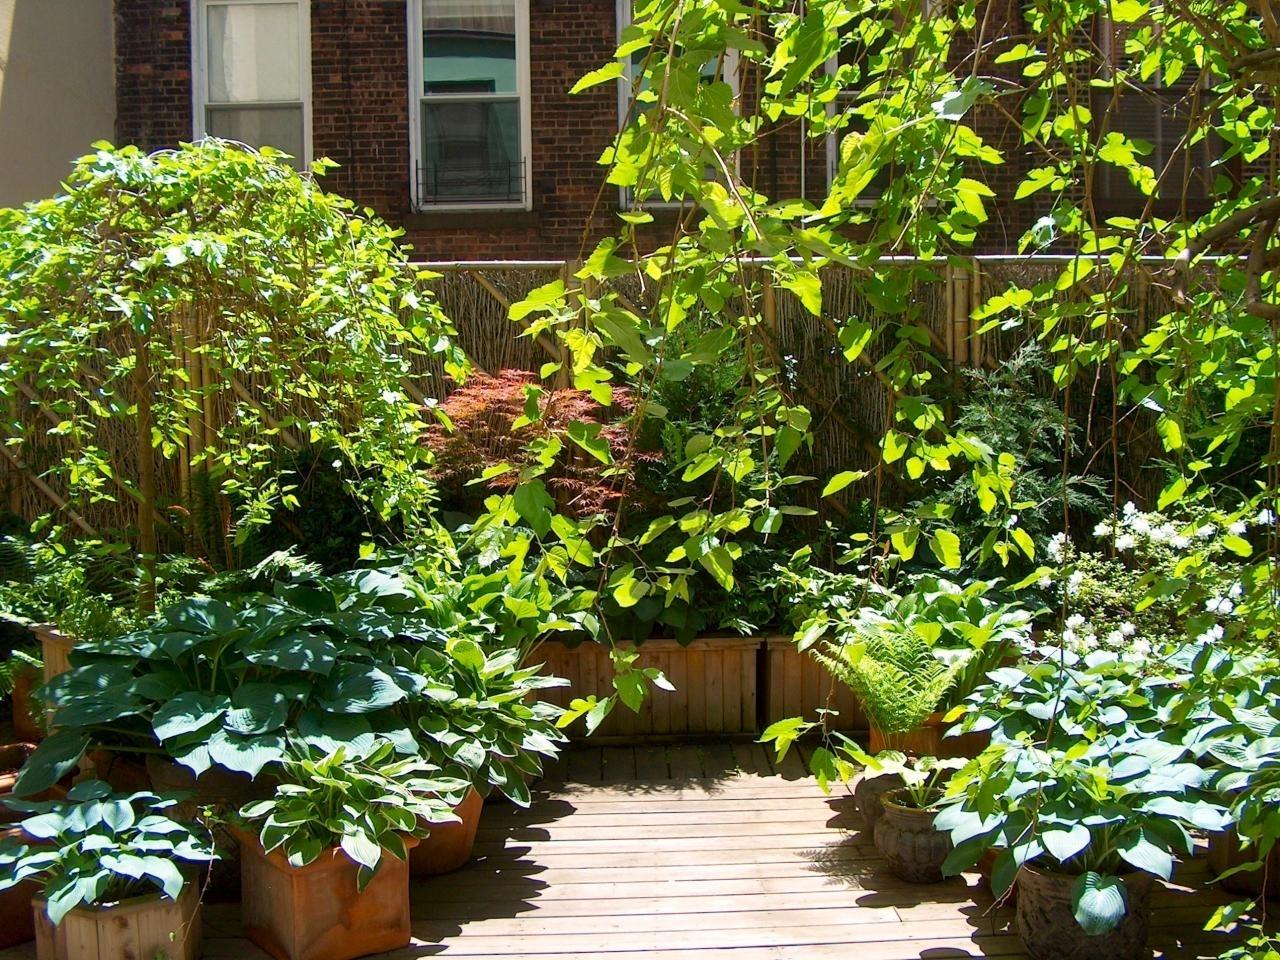 Piante da terrazzo sempreverdi piante da terrazzo for Piante da terrazzo molto soleggiato